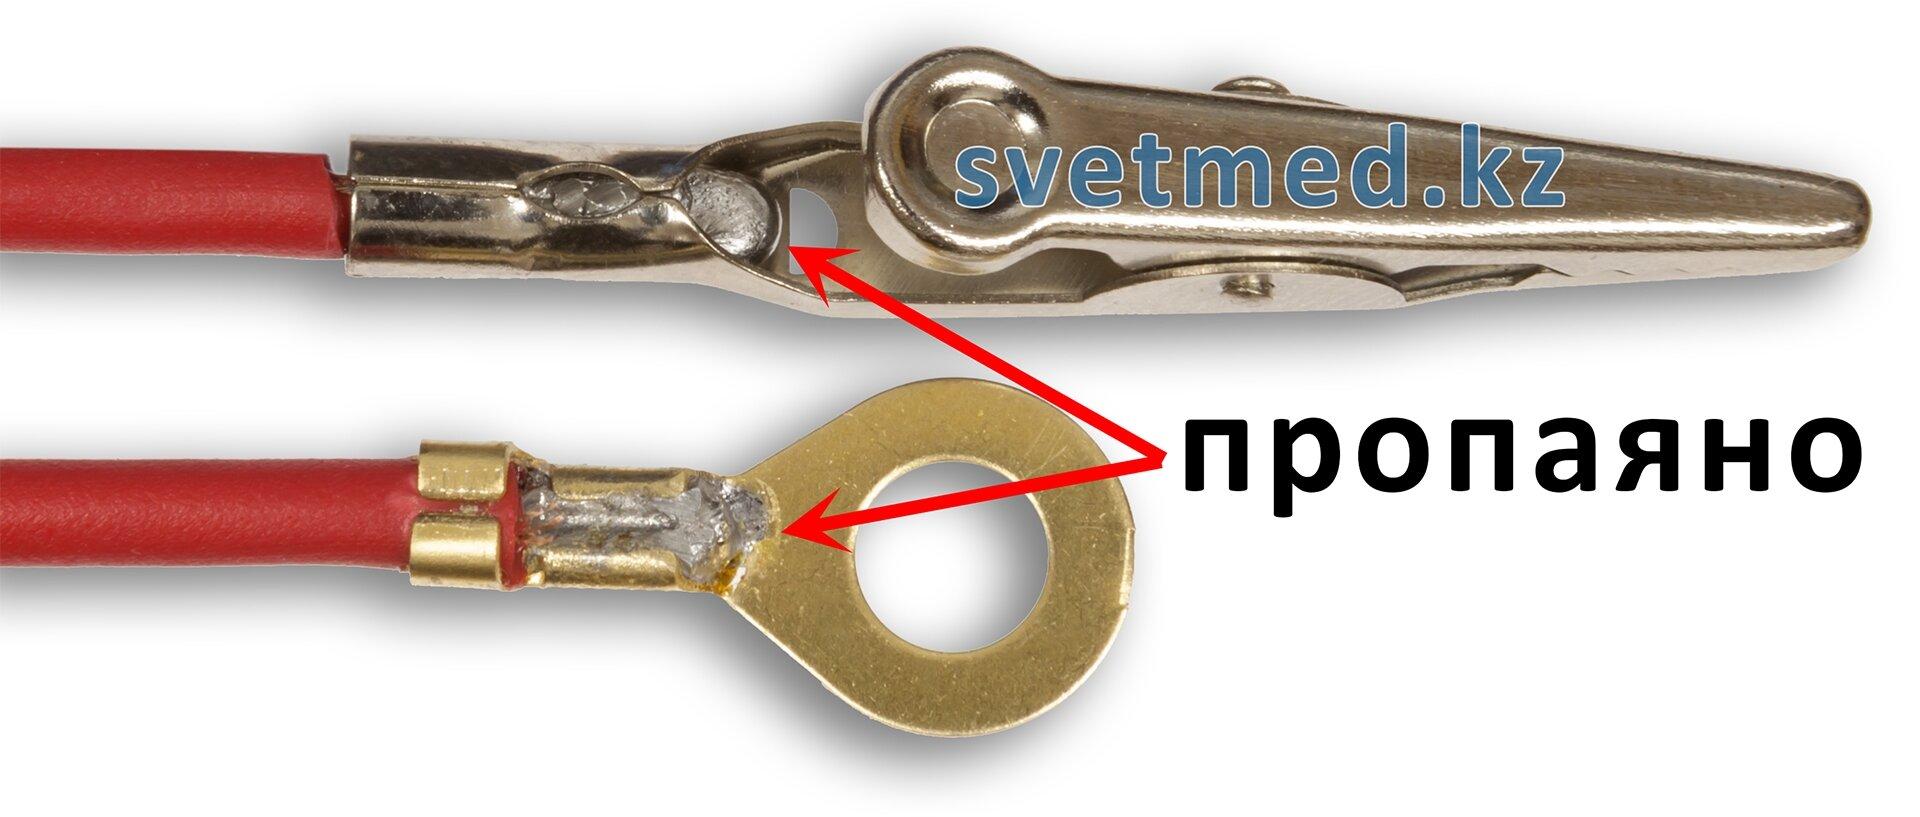 Провод токоведущий (щуп) №2 - фото Места пропайки коммутационных изделий.jpg.jpg